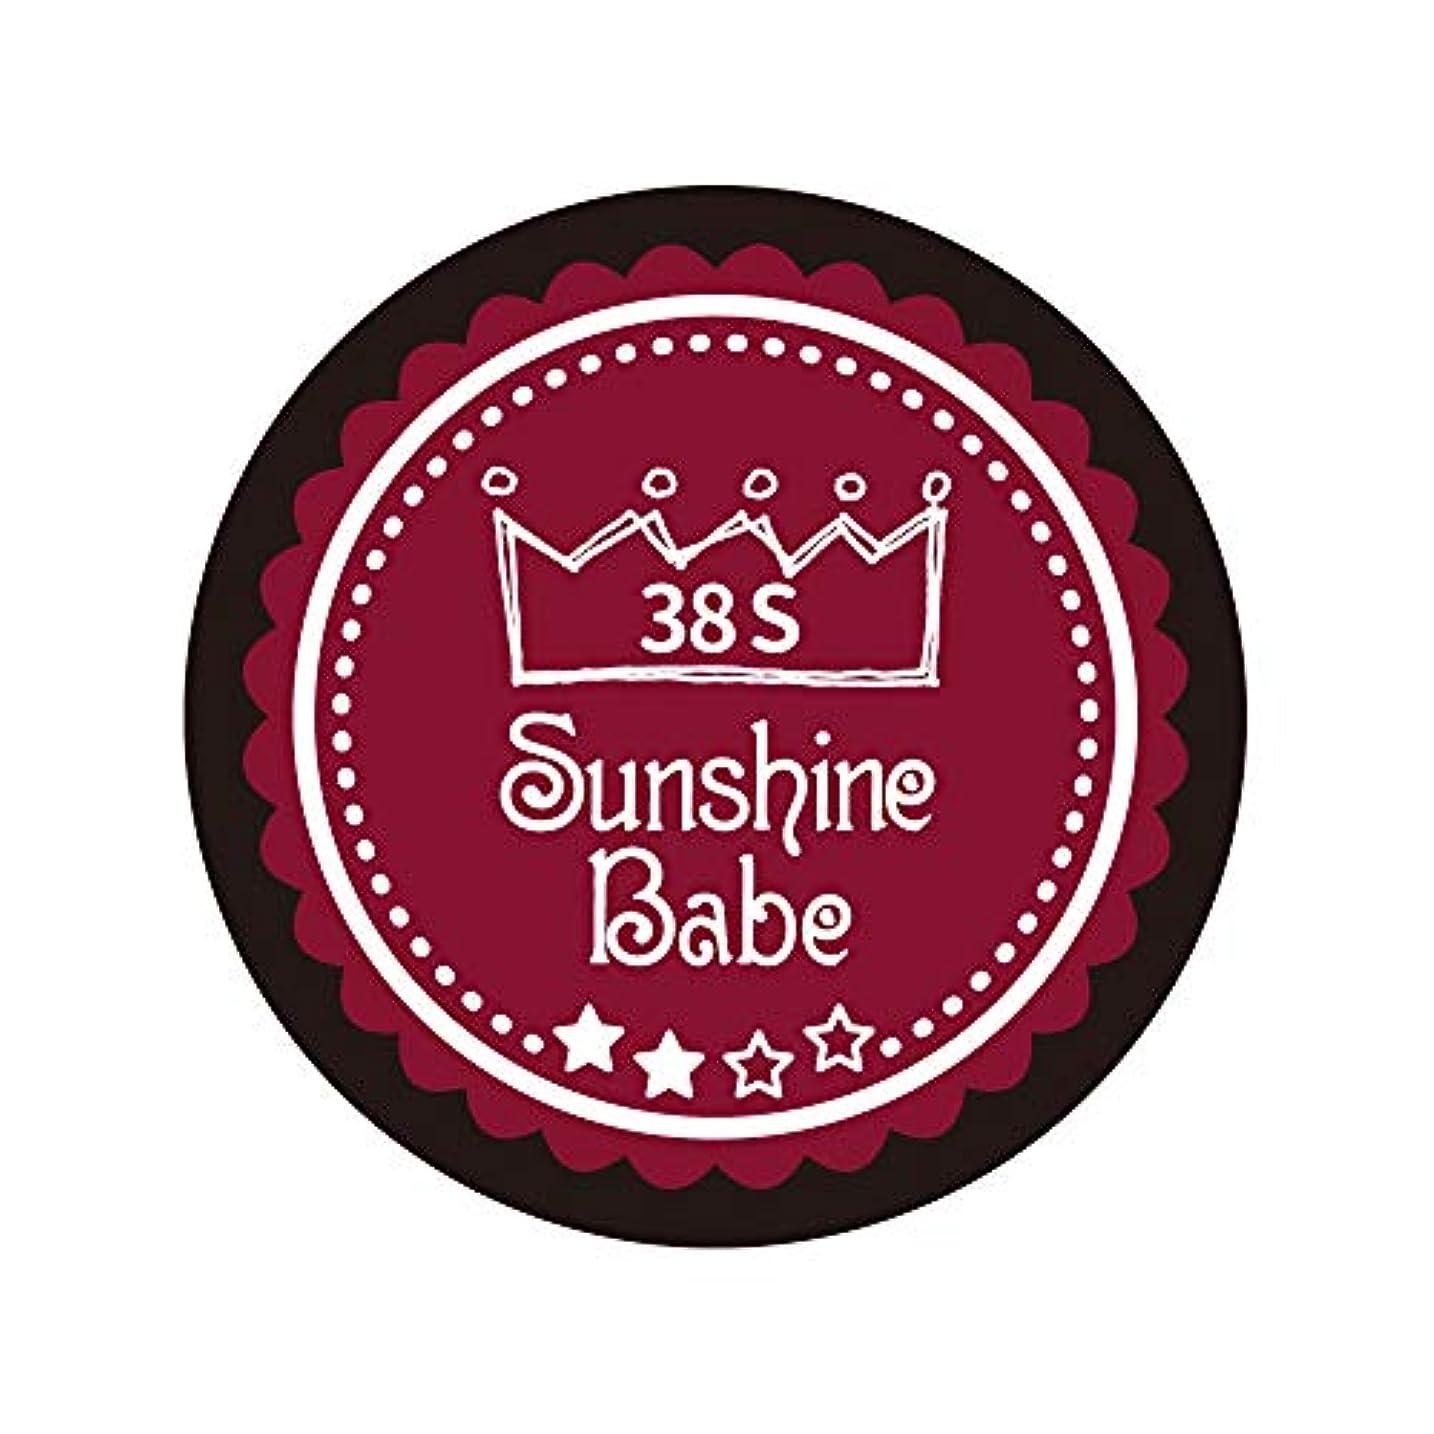 許される拳食料品店Sunshine Babe カラージェル 38S レッドペア 4g UV/LED対応